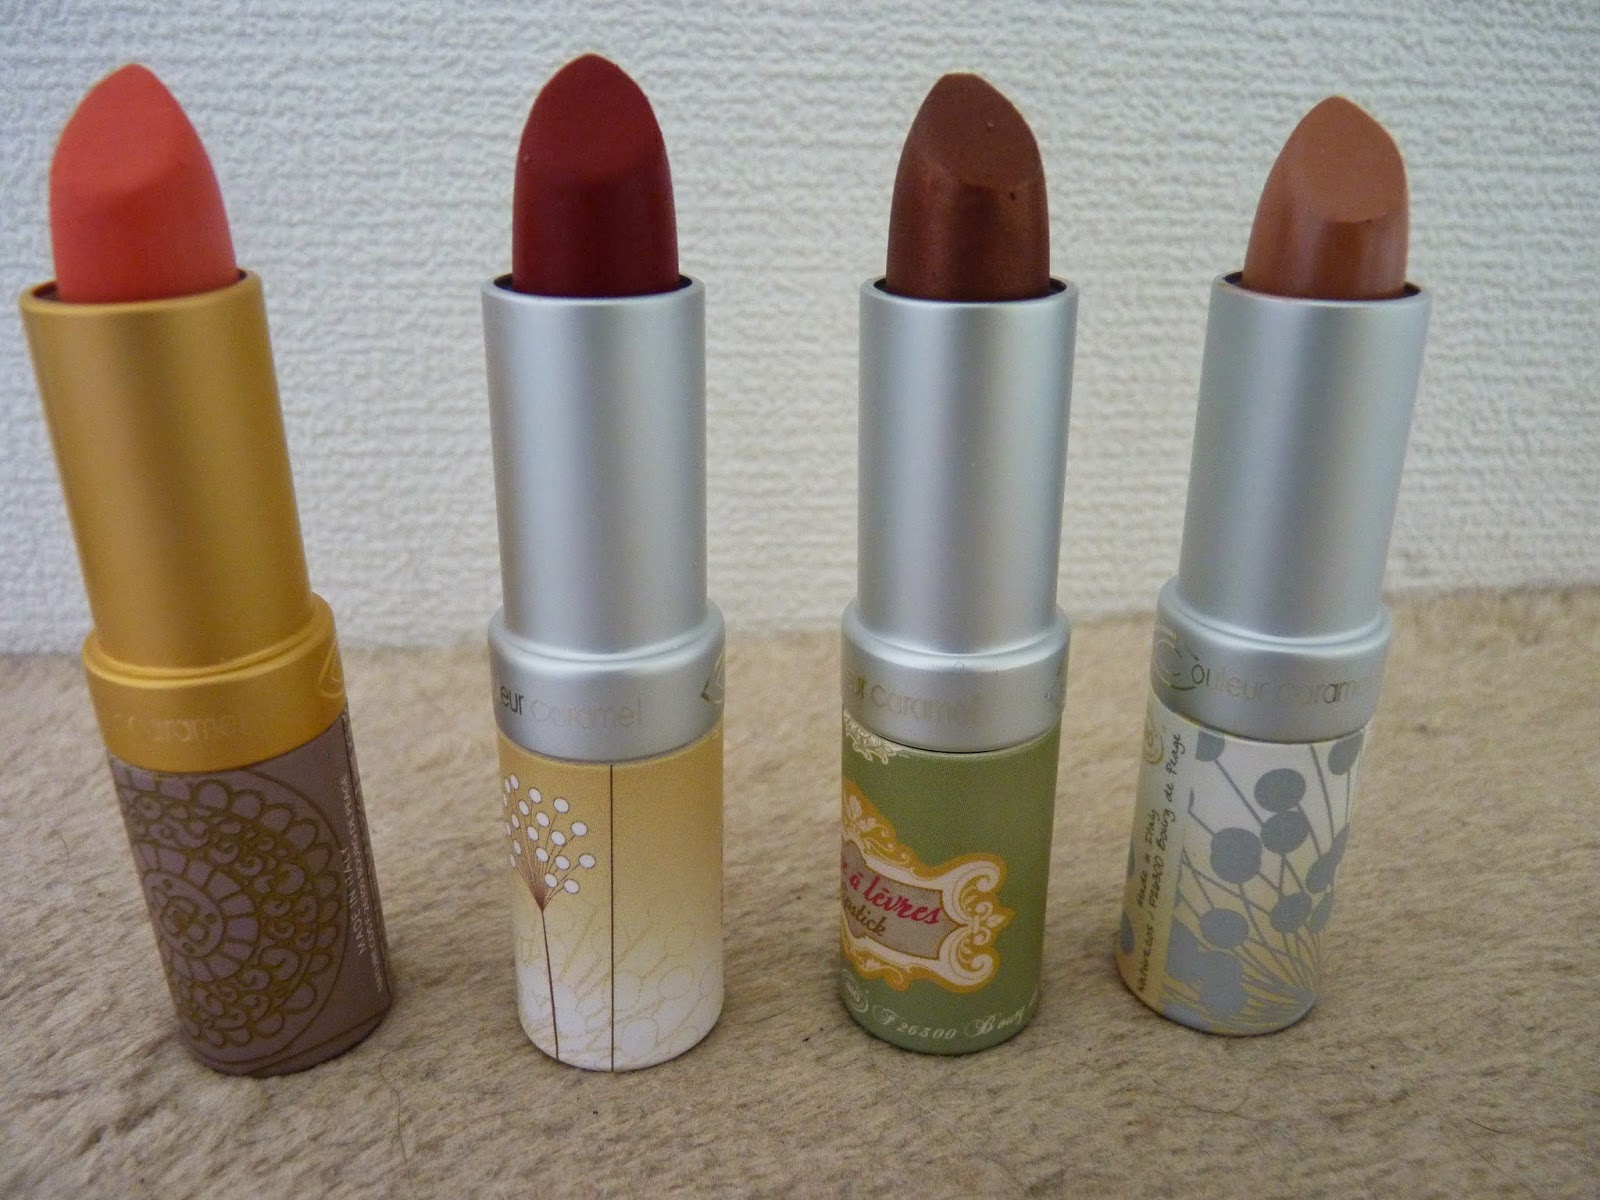 rouges à lèvre, couleur caramel, corail, pêche, marron, rouge, beige, packaging carton, embalage joli